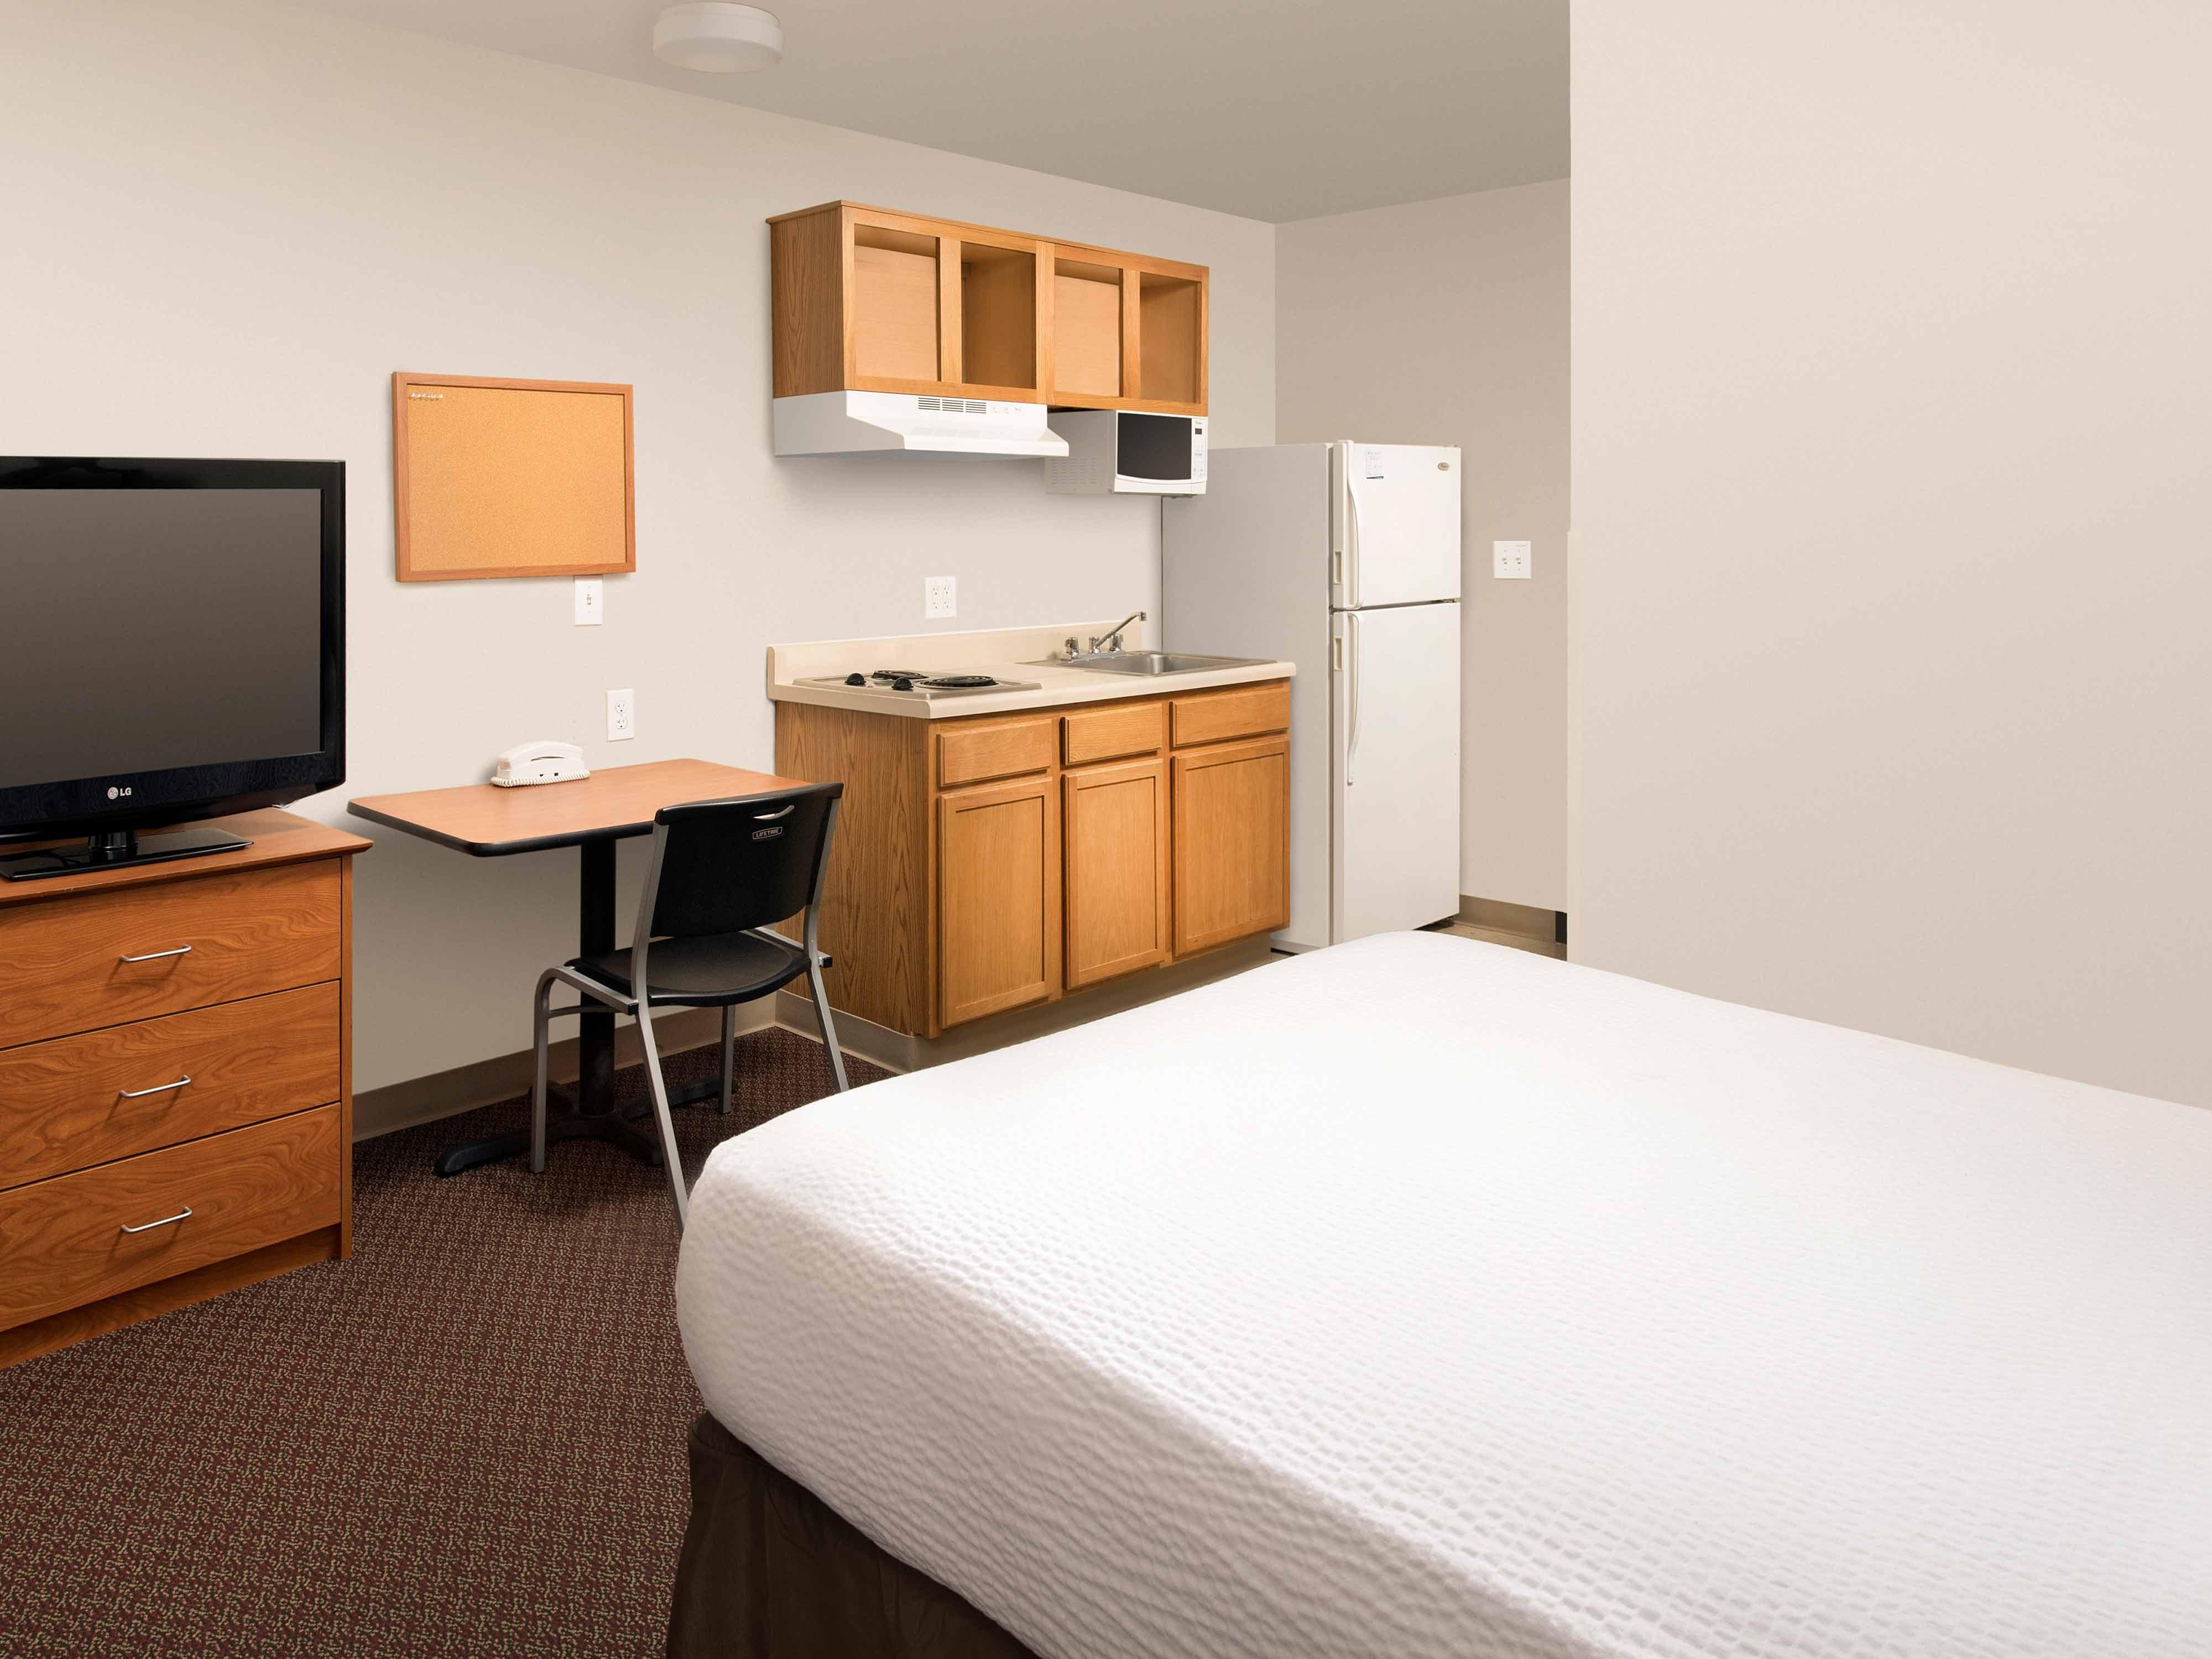 WoodSpring Suites Greenville Central